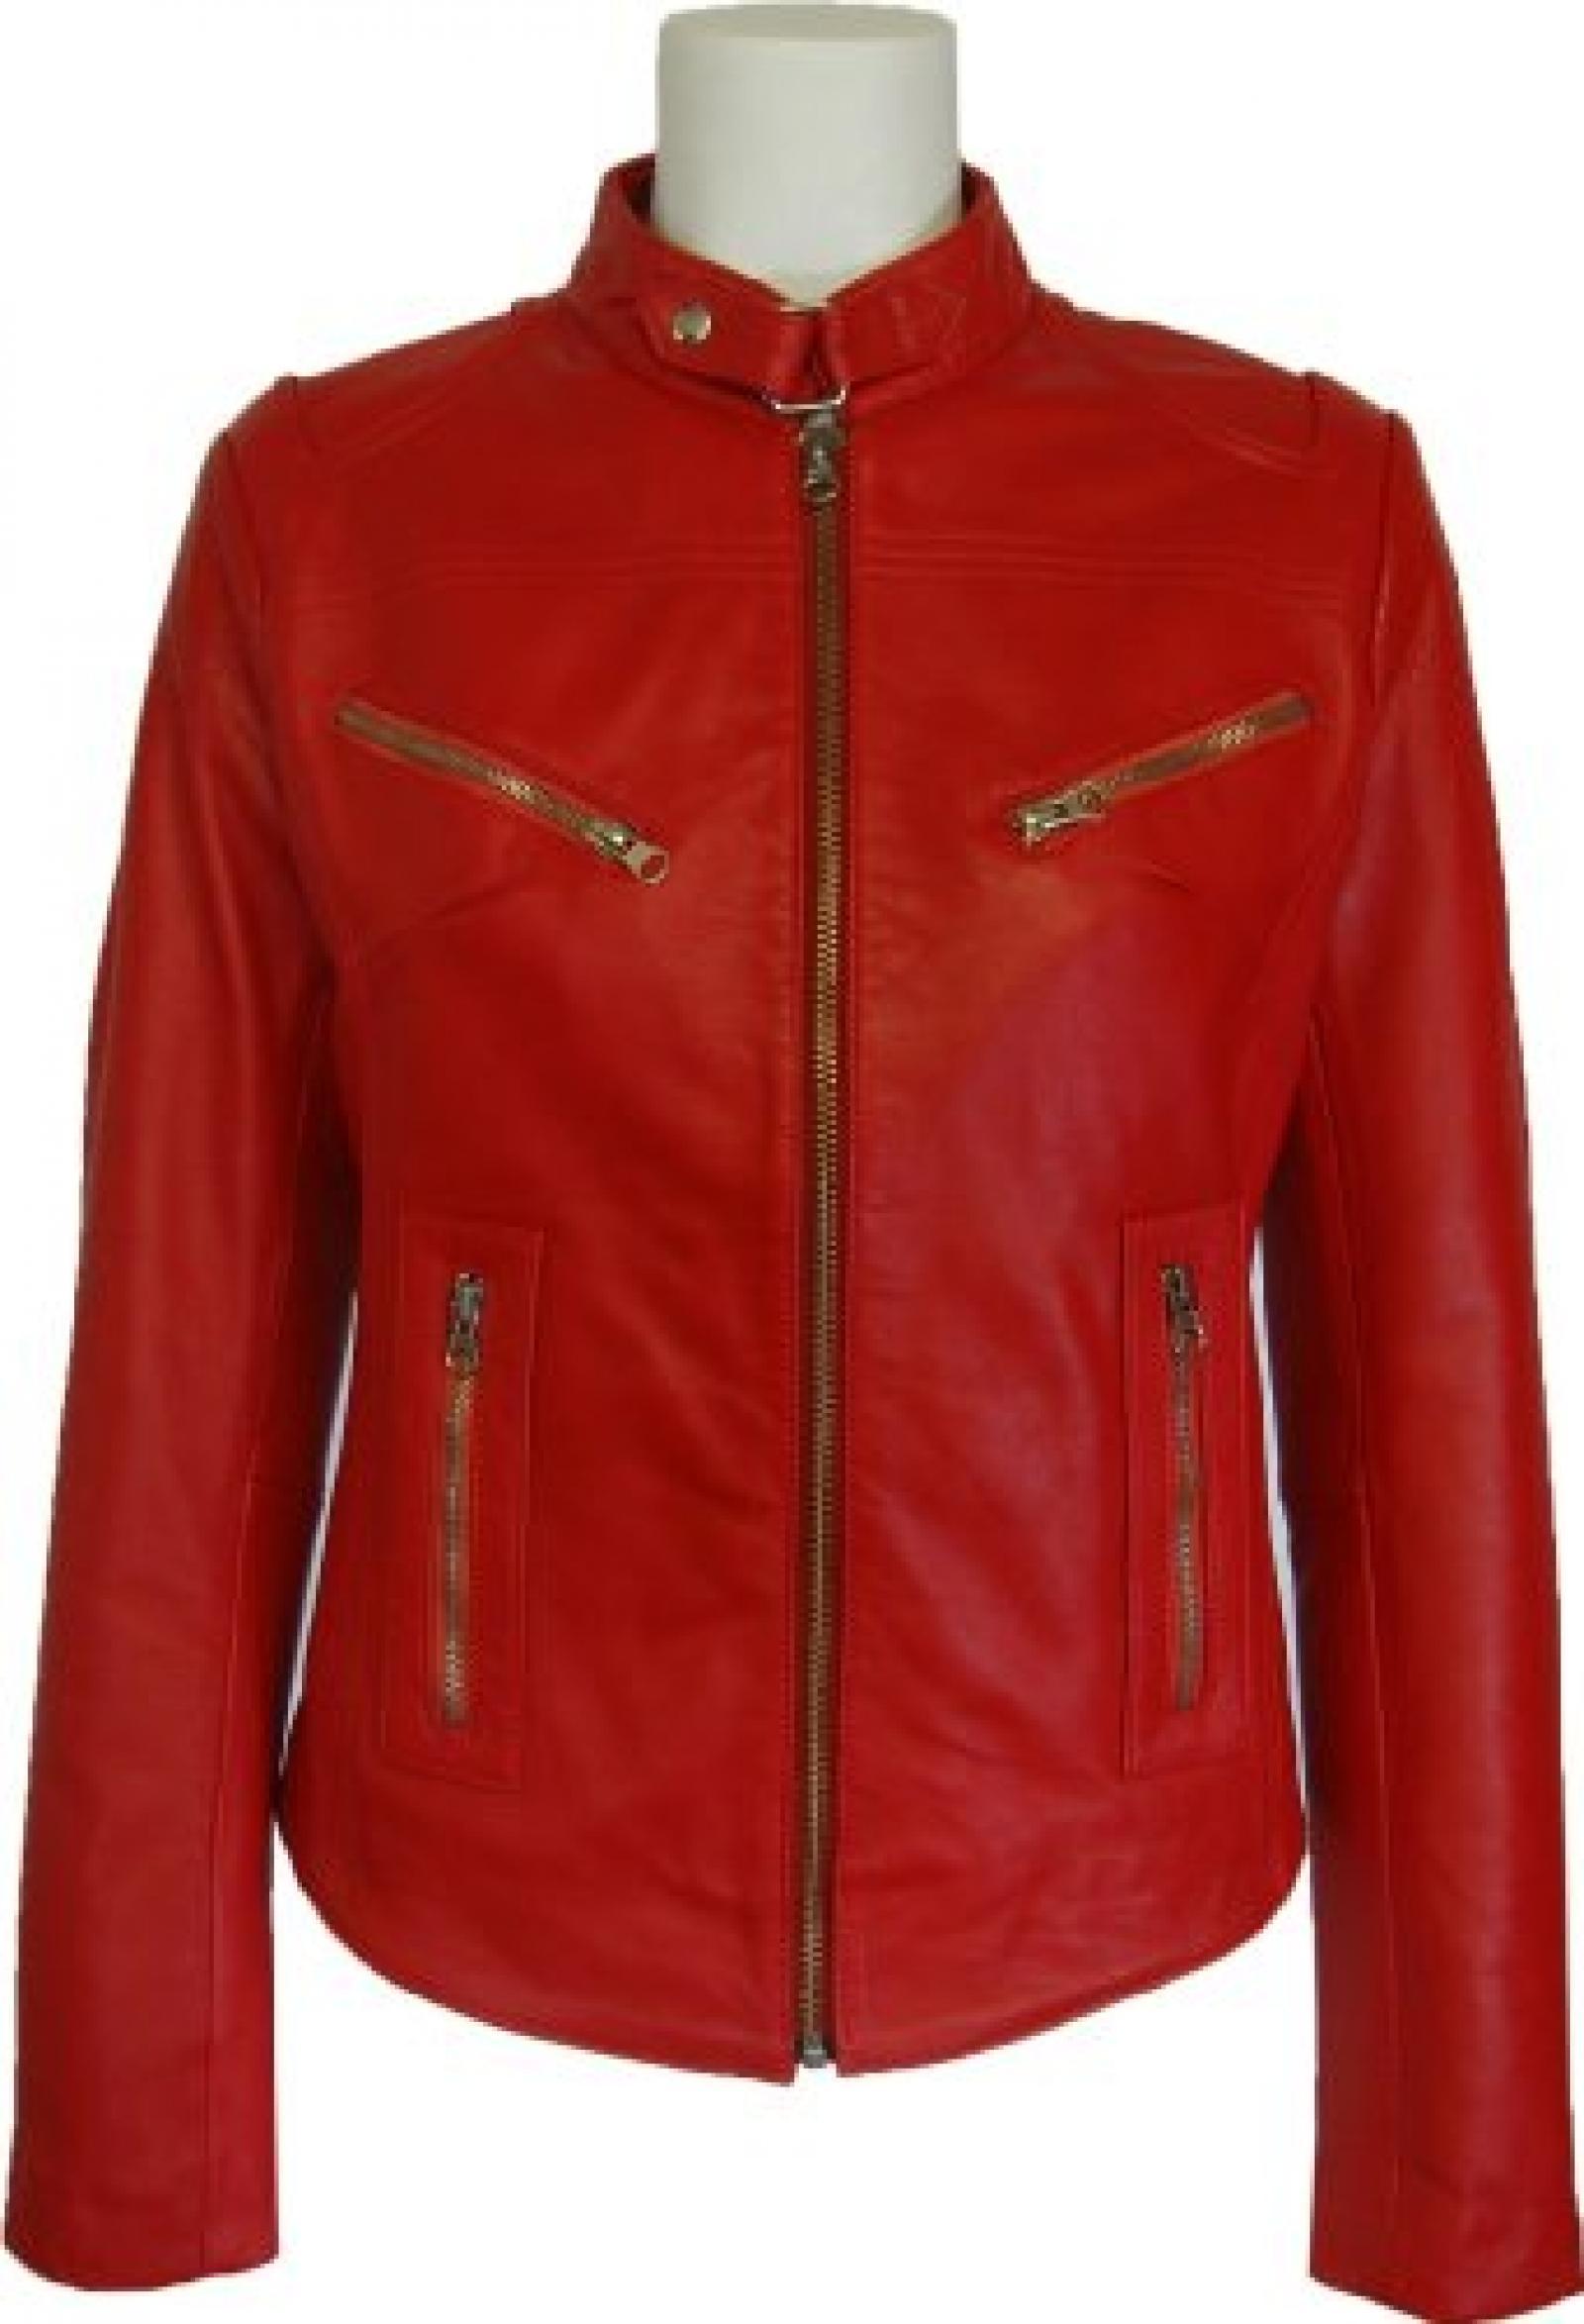 UNICORN Frauen Echt Leder Jacke Rot #Z2